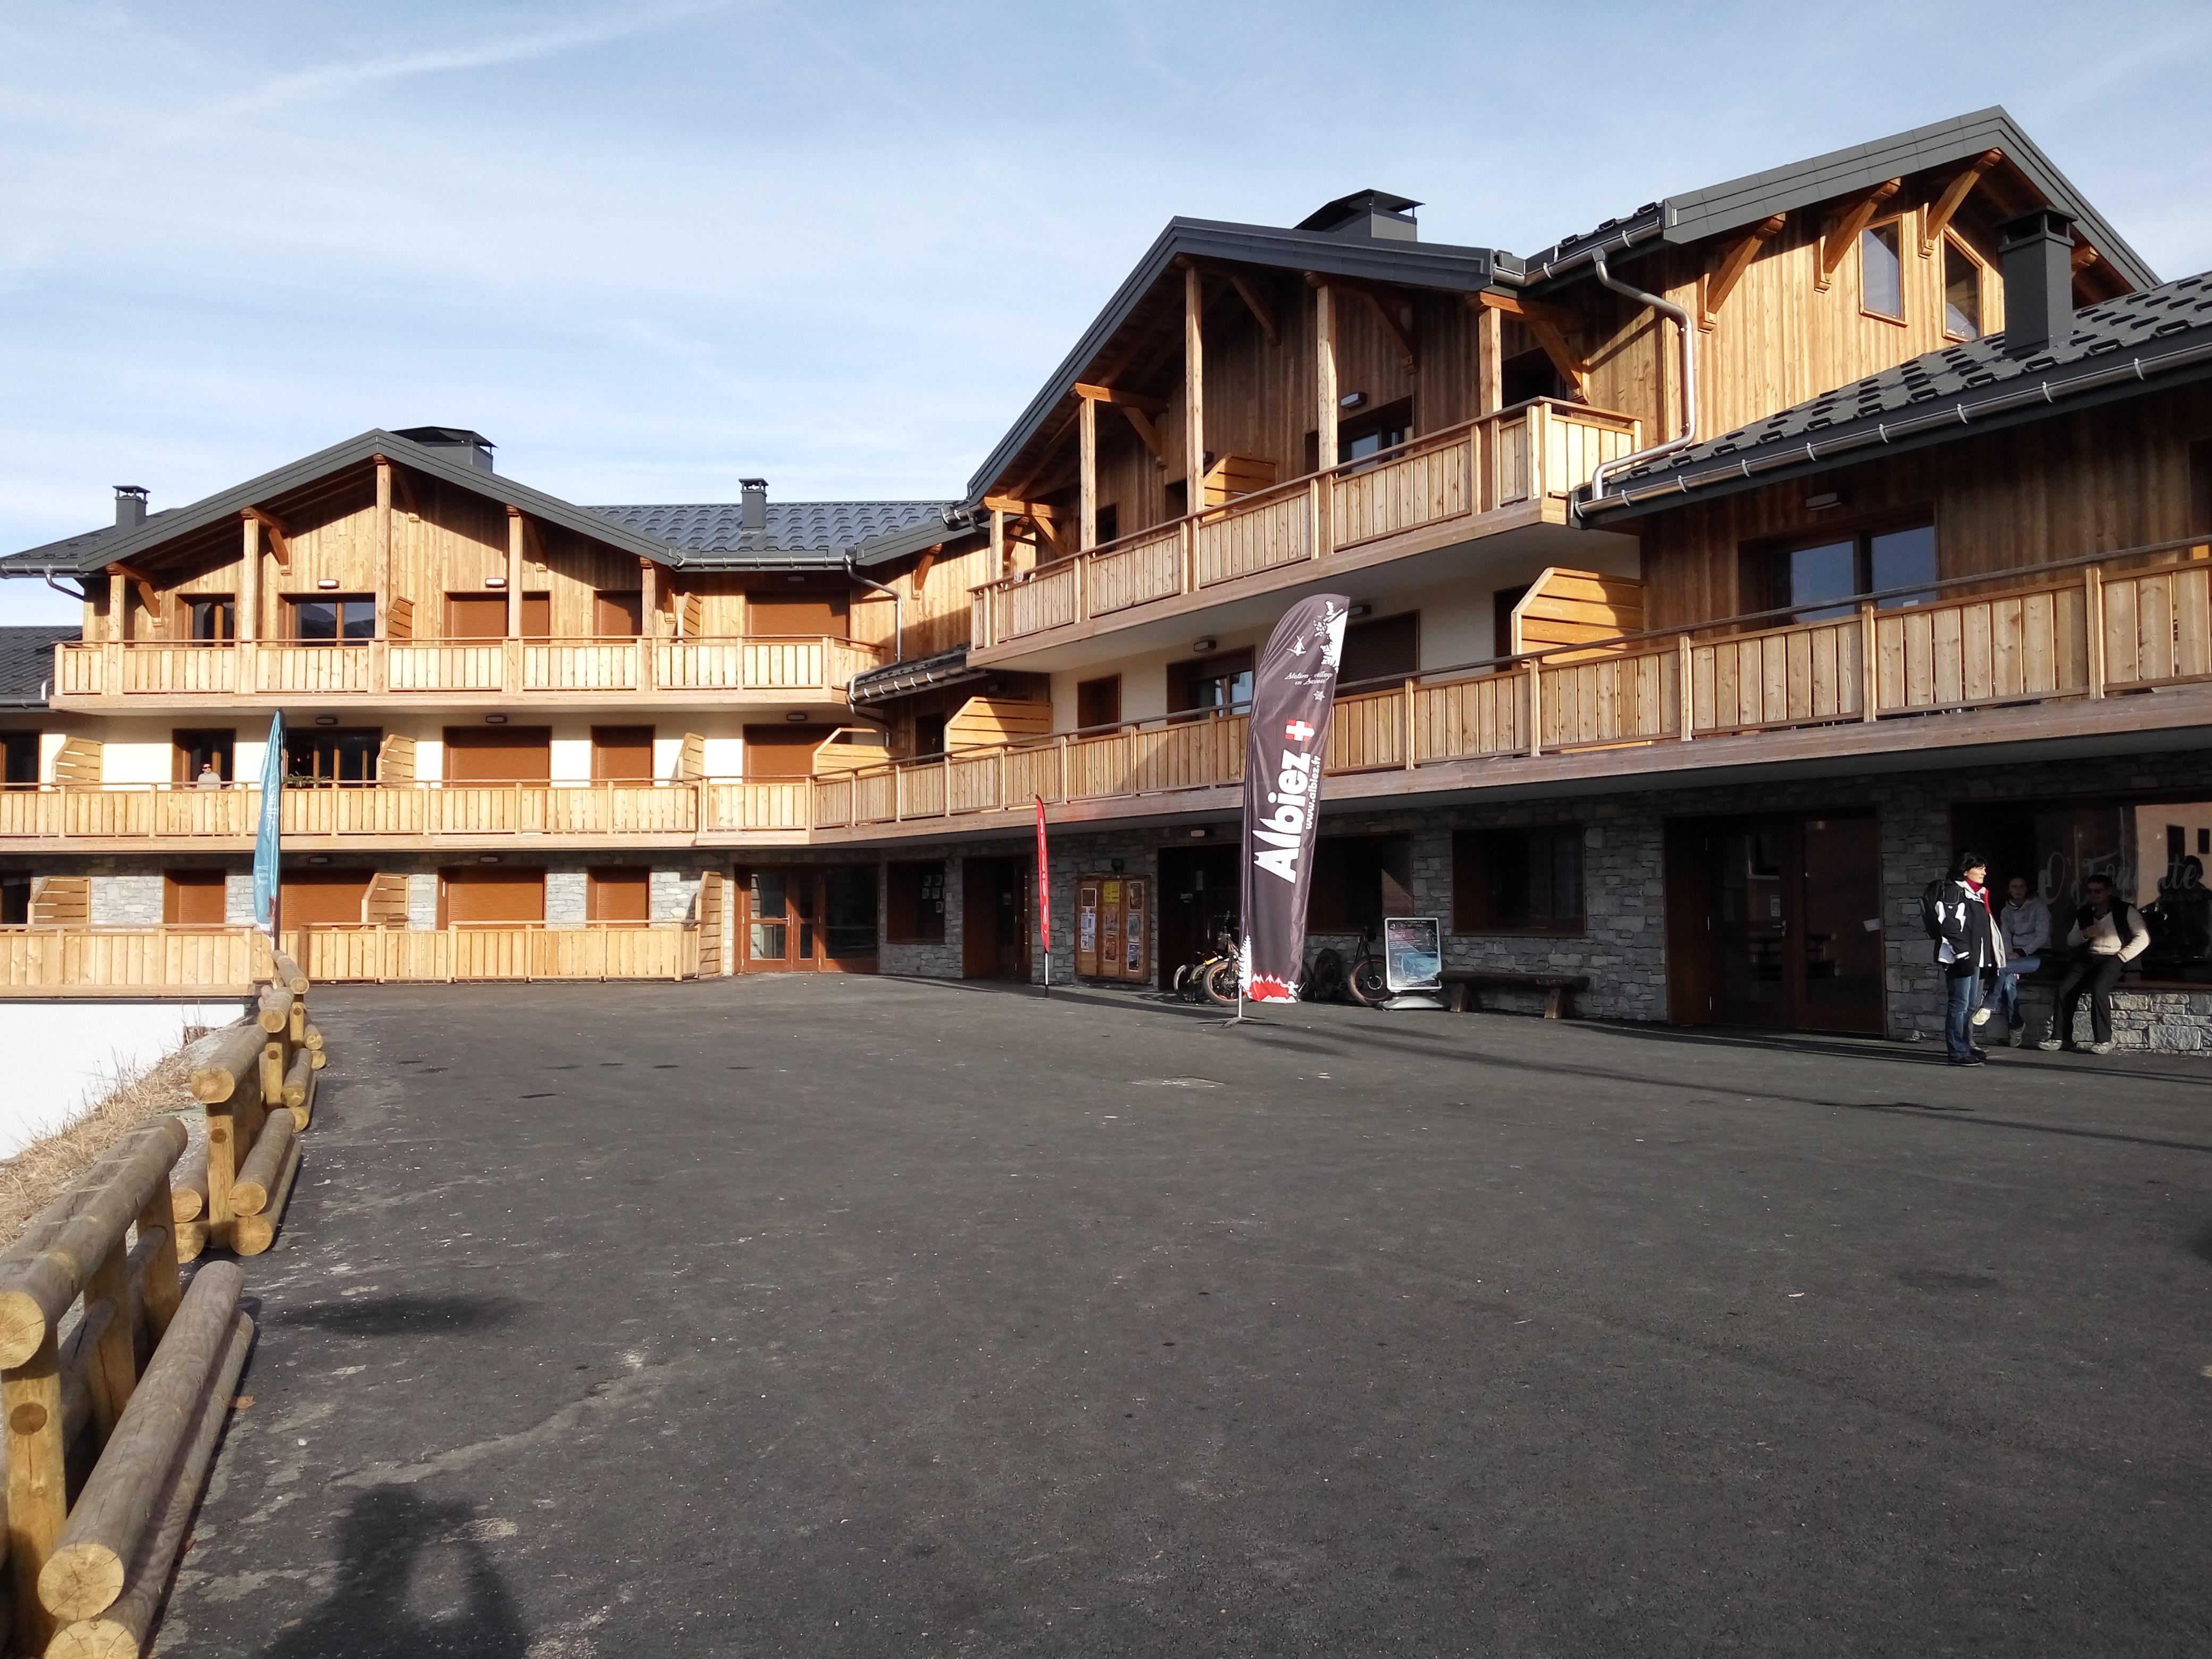 Albiez tourisme office de tourisme savoie mont blanc - Office tourisme albiez montrond 73300 ...